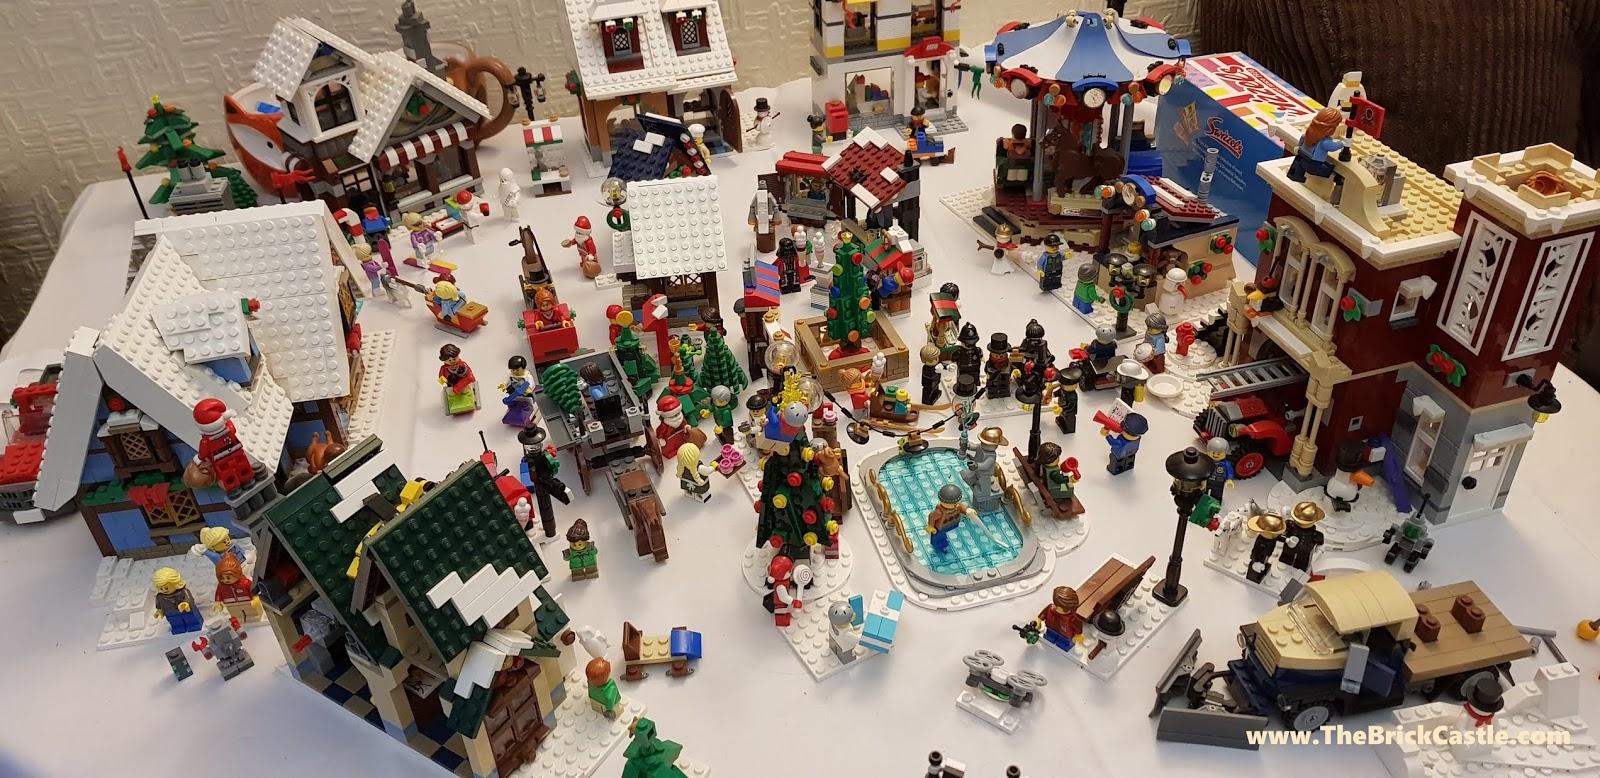 The Brick Castle: January #TBCSmiles